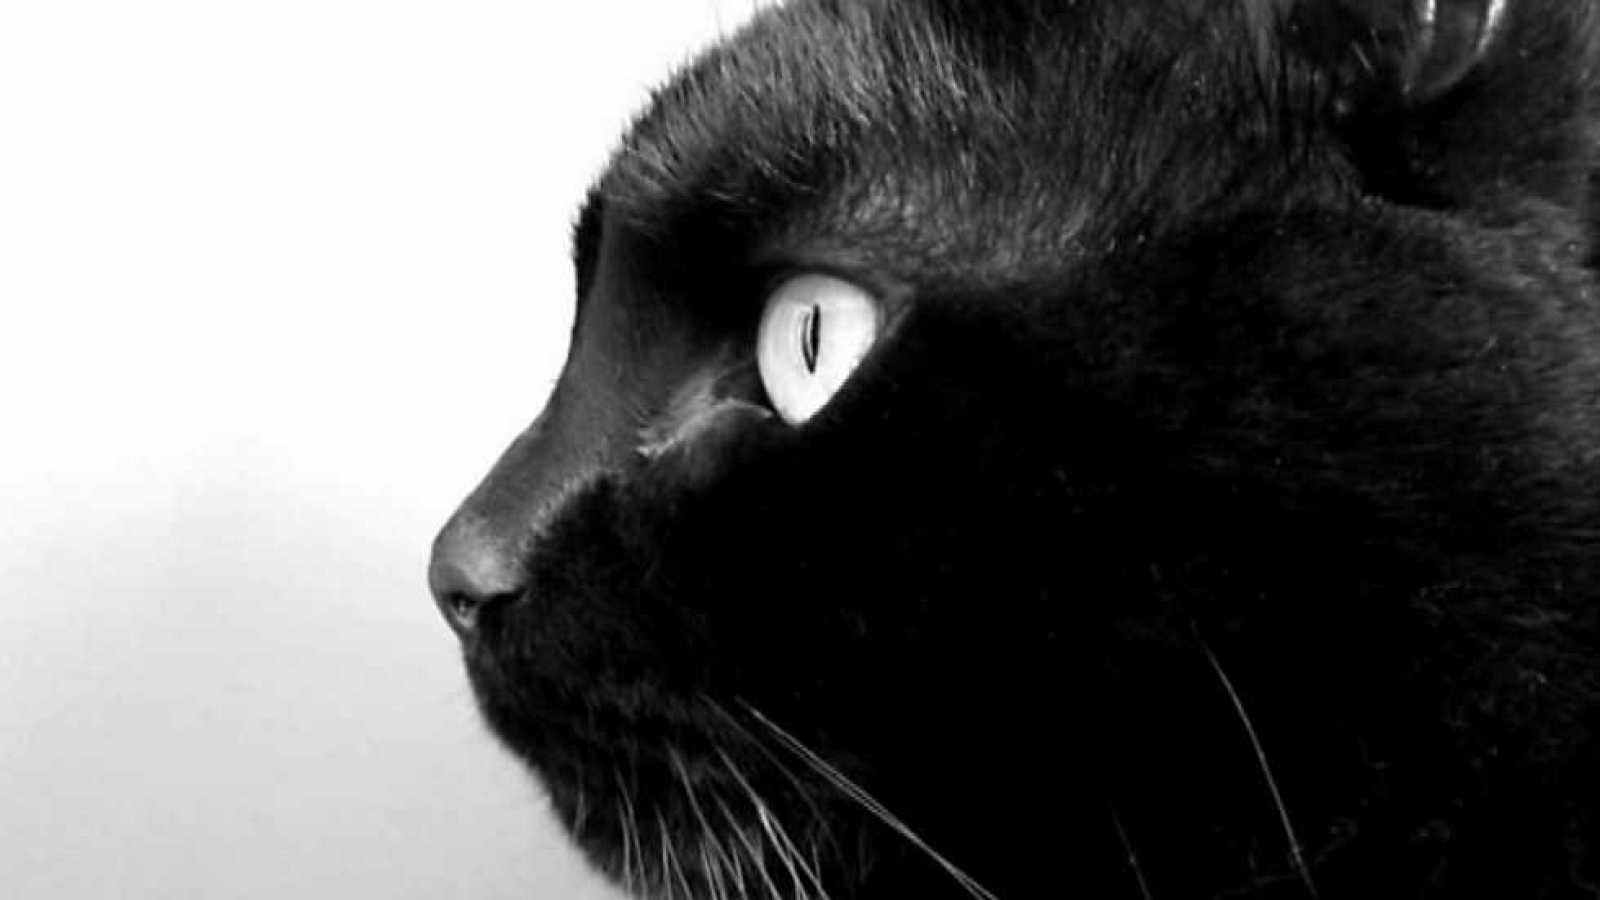 tres14 - Perros y gatos - ver ahora